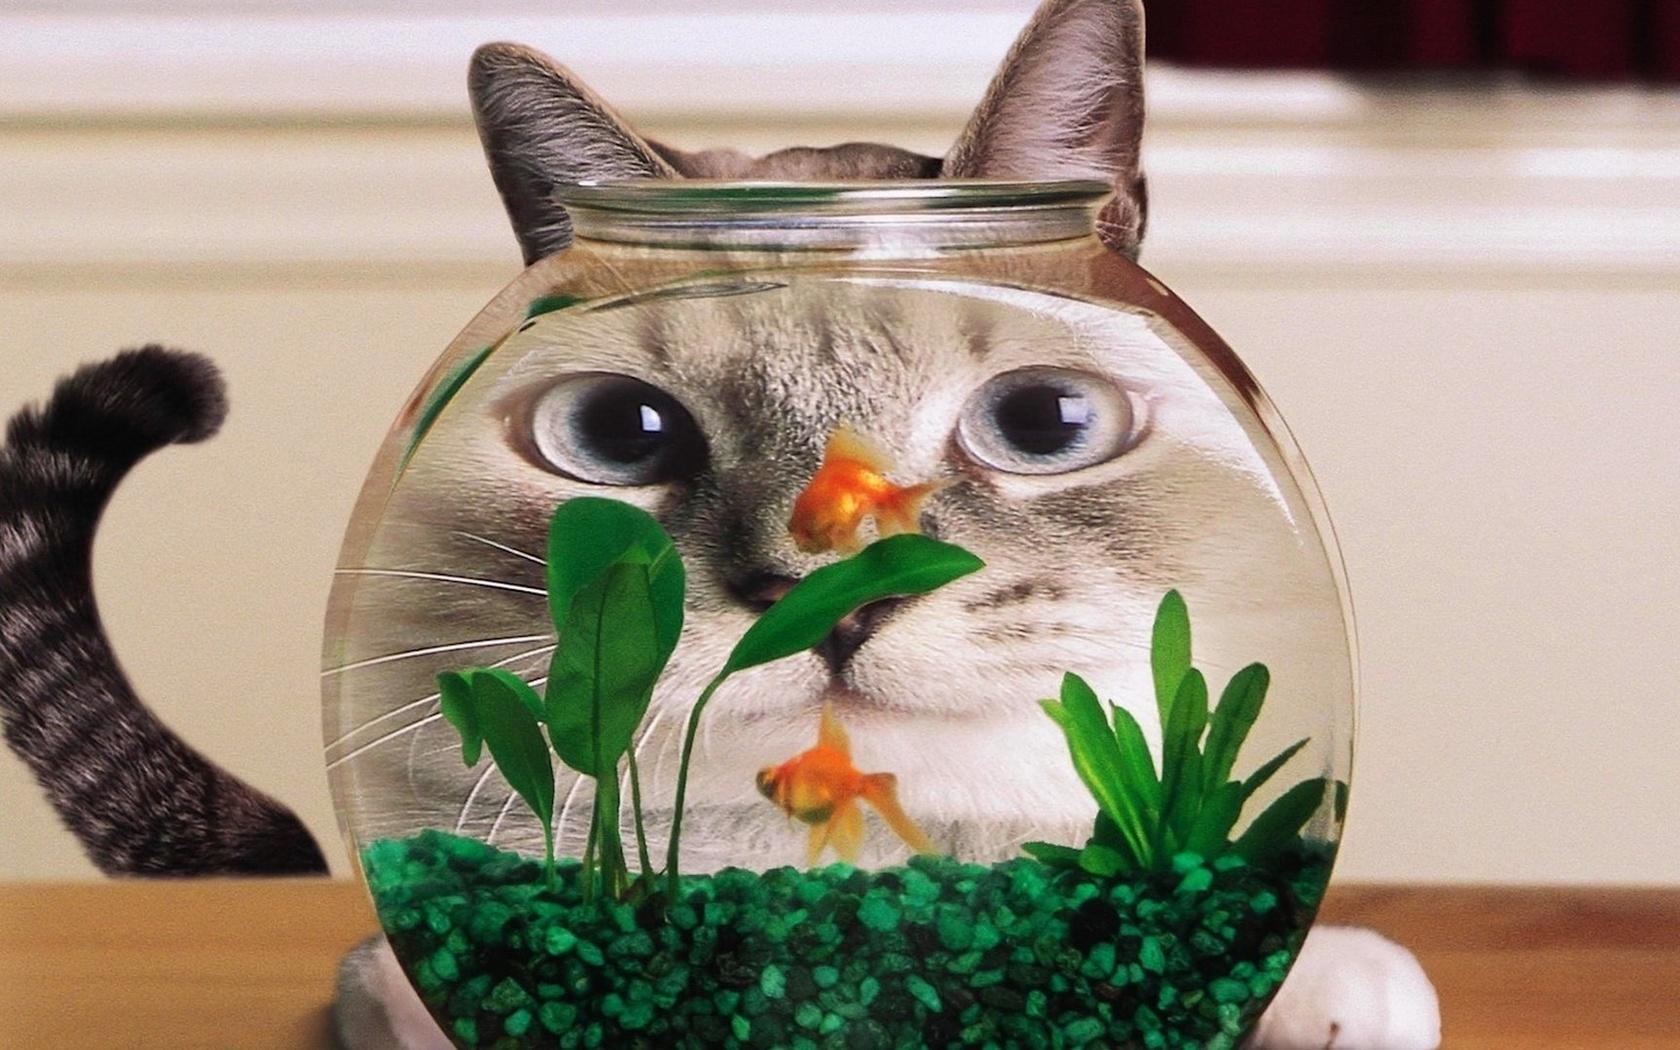 обожаю смешная картинка рыба в аквариуме происхождения азия